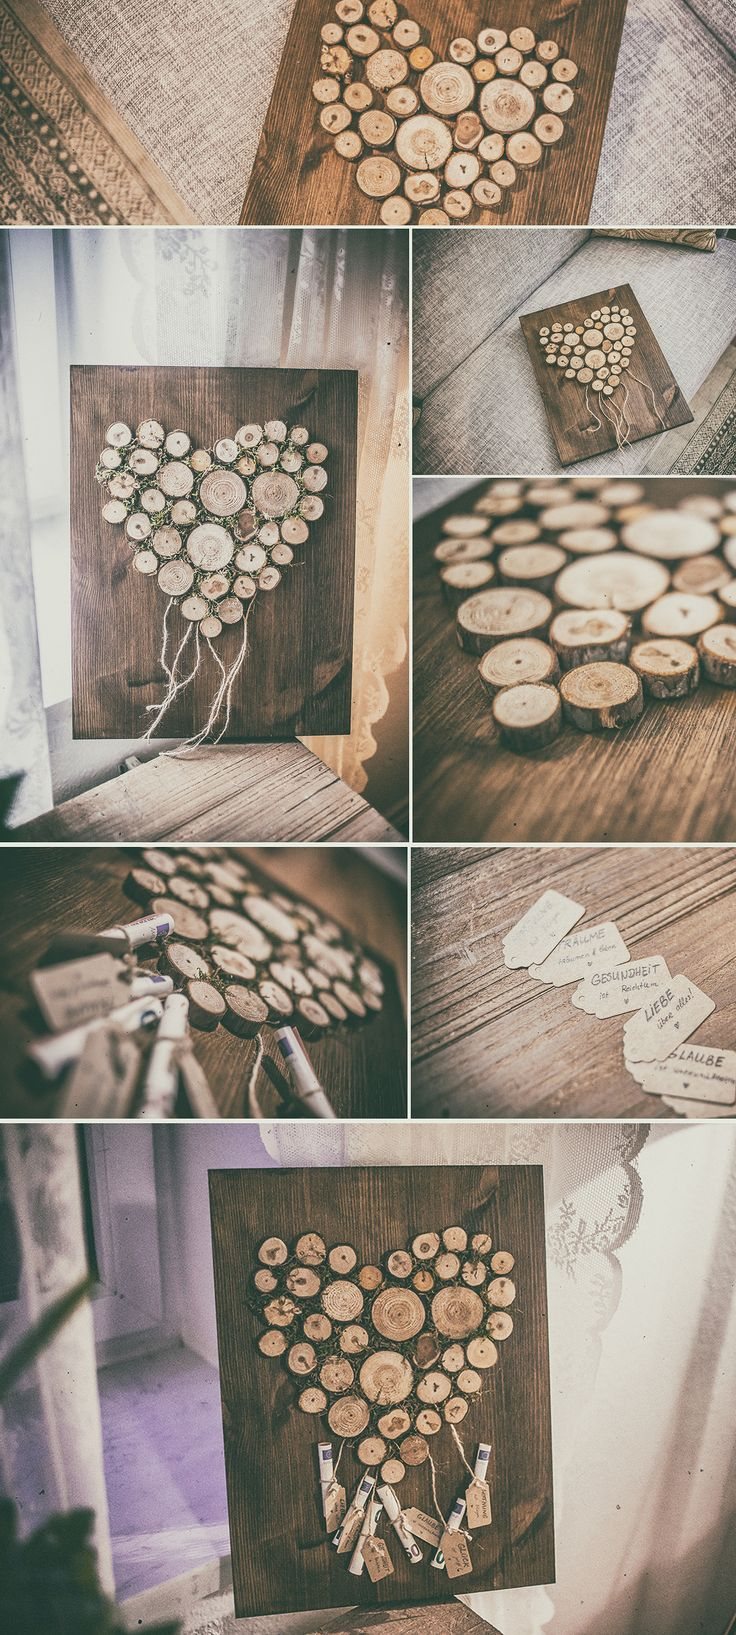 Hochzeitsgeschenk Inspiration – Ein Herz aus Holzscheiben und Moos aufgeklebt au… – #au #aufgeklebt #aus #ein #Herz